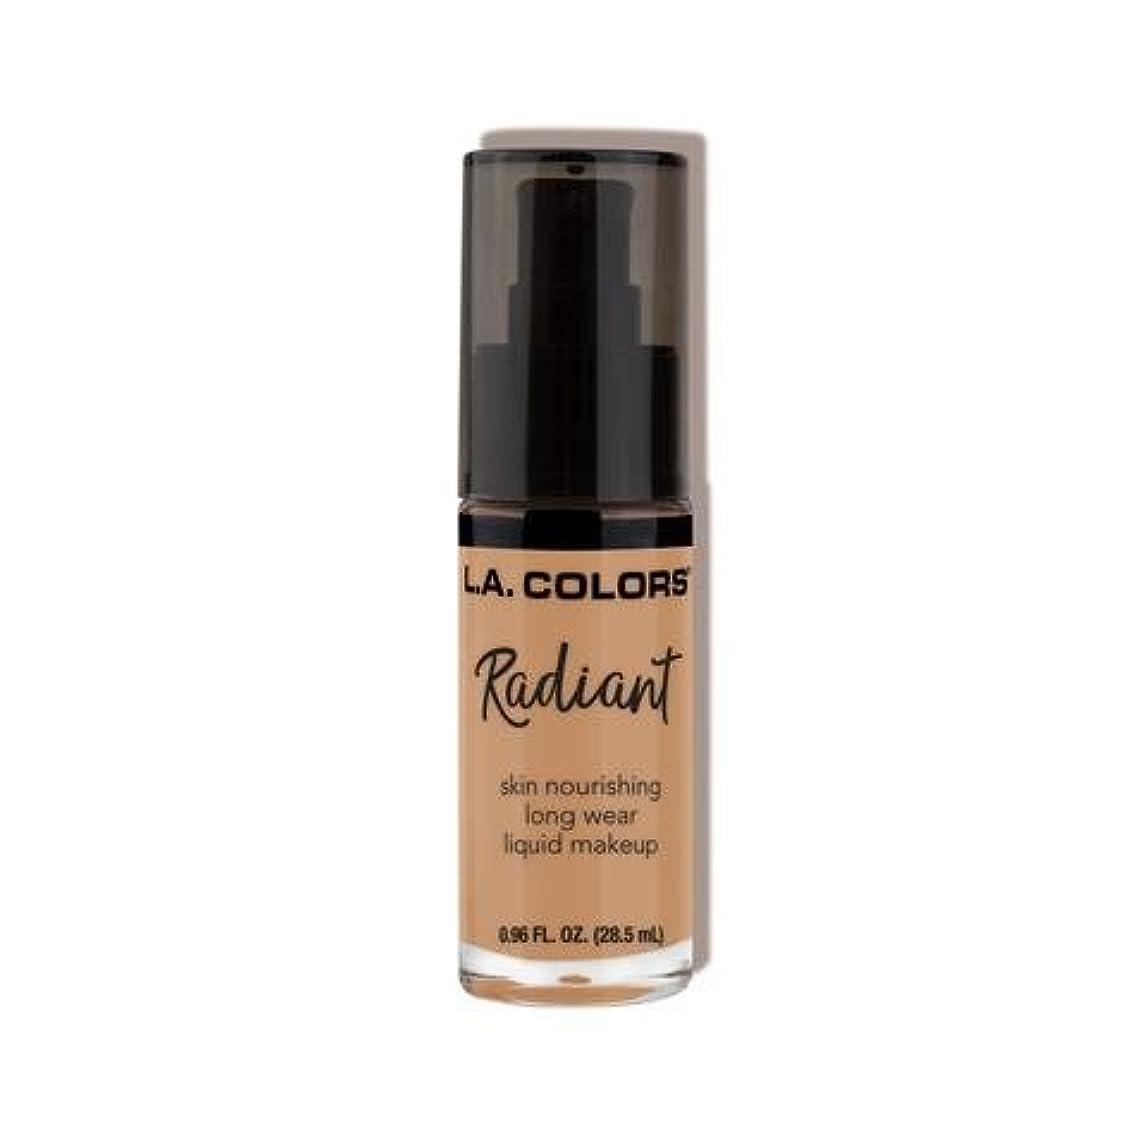 アシスタントクーポン落ち着く(3 Pack) L.A. COLORS Radiant Liquid Makeup - Suede (並行輸入品)